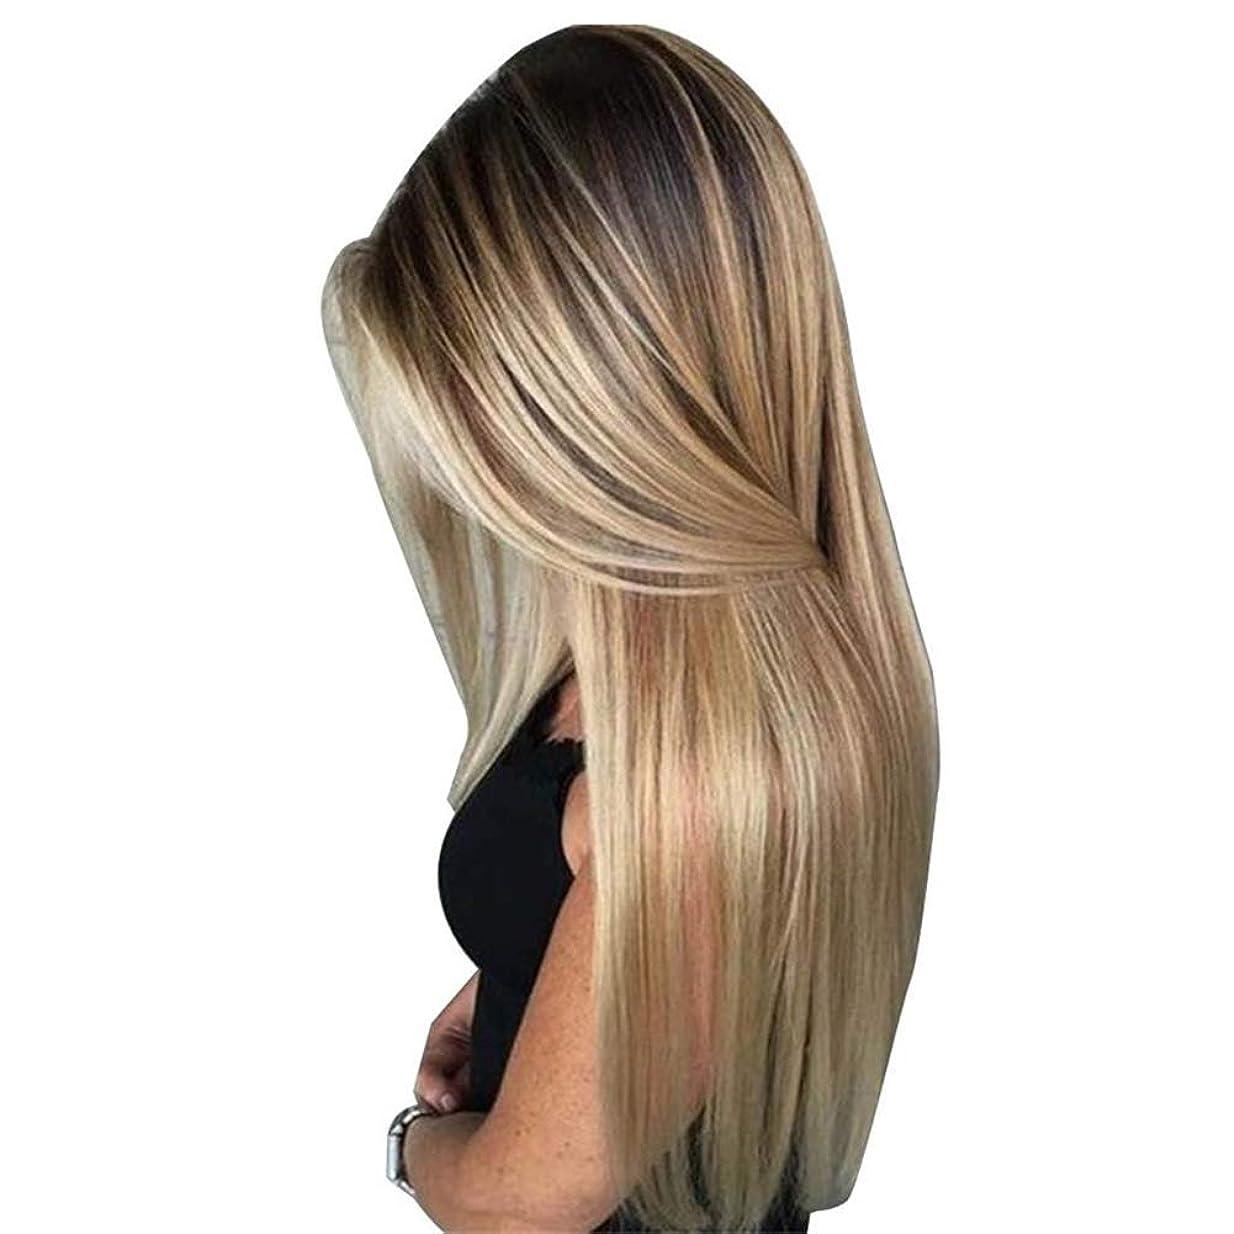 ソケット特異性しかしBULemonロングストレートヘア高温シルクウィッグブロンドの人工毛ウィッグレディースロングストレートヘアウィッグ